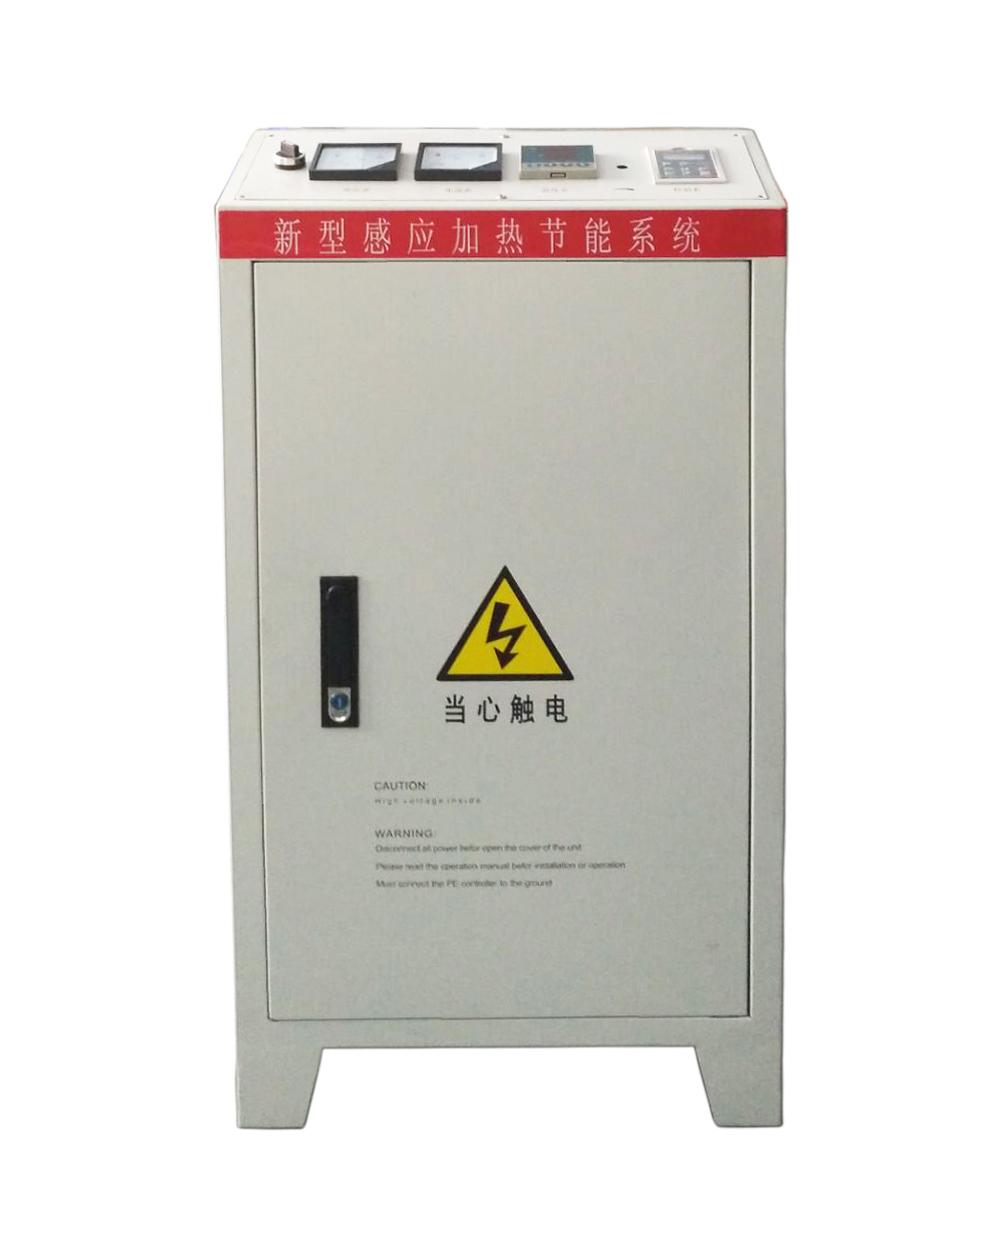 80KW电磁加热控制器产品特点: 1、高效节能:热效率高达98%以上,同等条件下,比电阻式加热方式节电高达75%以上,预热时间缩短6min。 2、运行可靠:多闭环智能控制系统和完善的保护系统,保证设备长期安全可靠的运行。 3、降低生产成本:加热部分采用电缆结构,加热电缆本身不会产生热量,使用寿命长久。避免了电阻式加热需要经常维护和定期更换加热圈,后期基本无维护费用。 4、改善工作环境:加热部分热量耗散少,表面可用手触摸,改善了生产现场的环境条件。 5、智能多温区控制:维力斯电磁加热节能器采用液晶屏显示实时